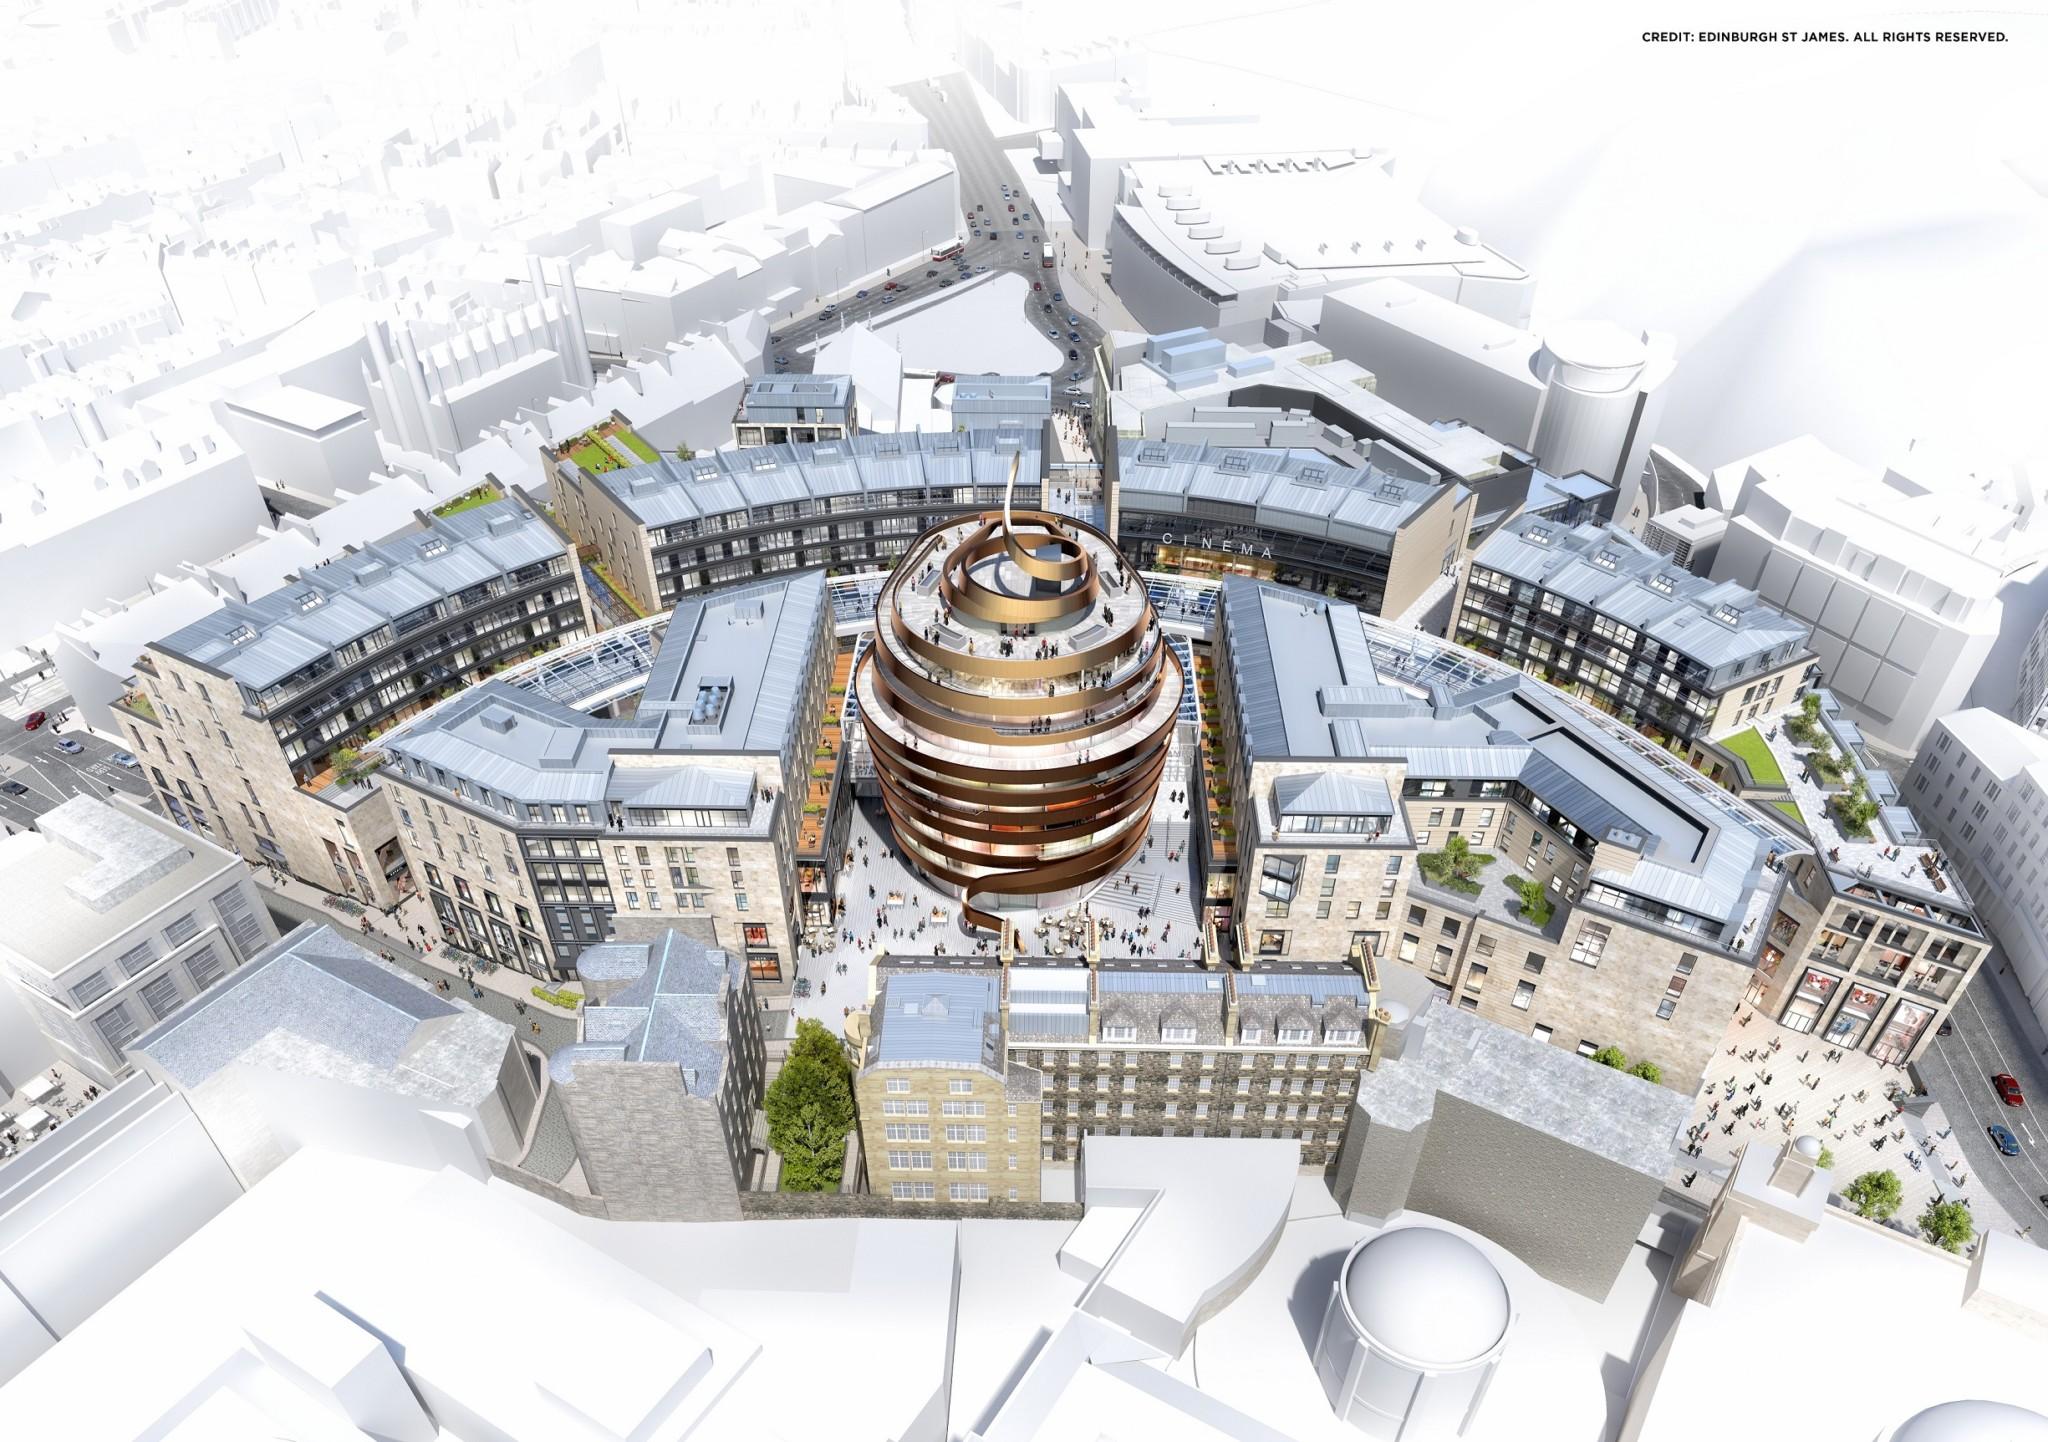 Edinburgh St James aerial shot (press)